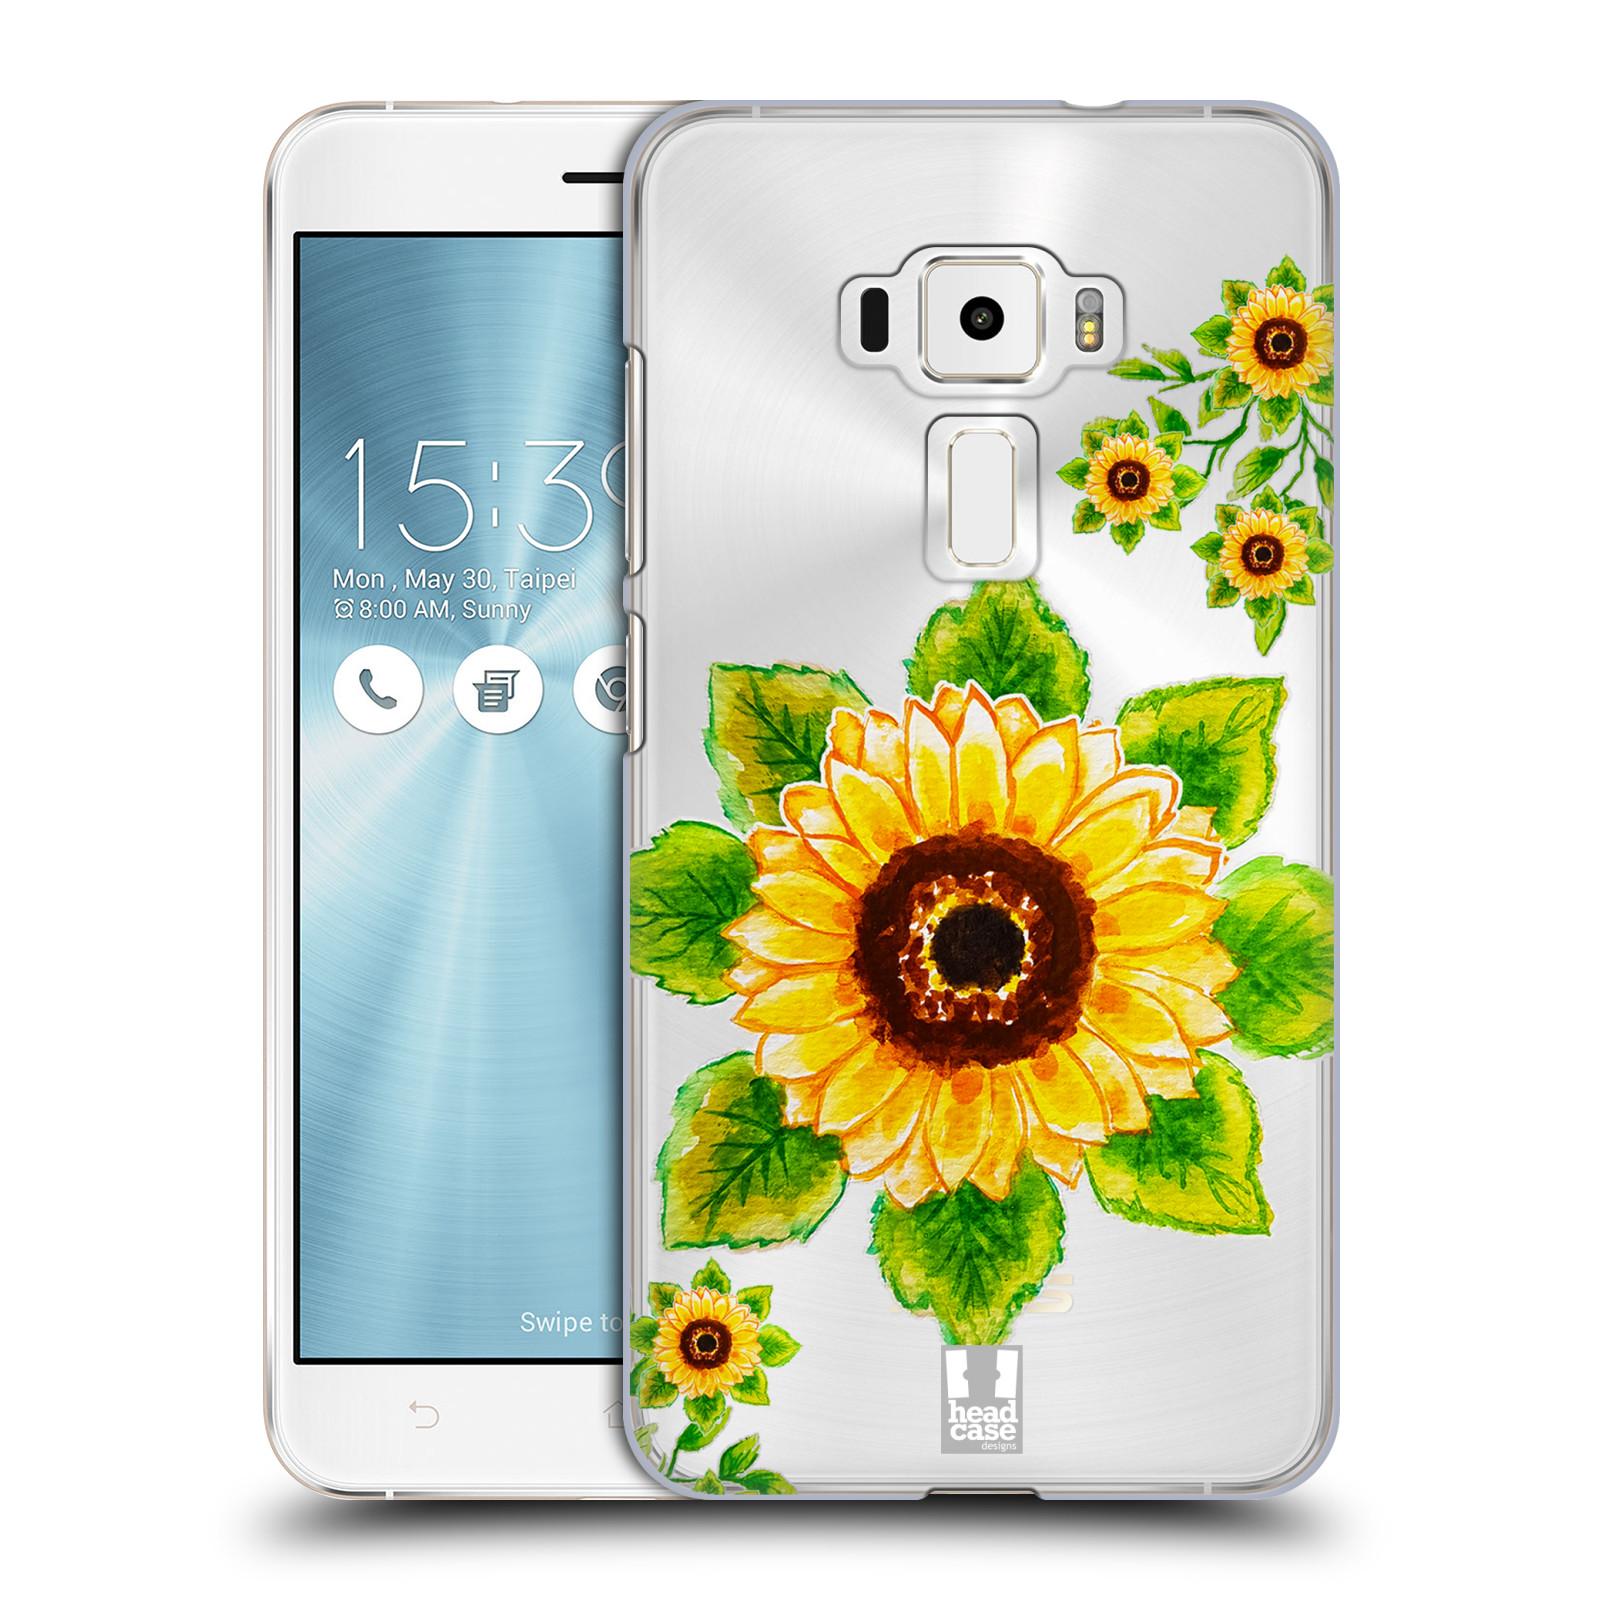 HEAD CASE plastový obal na mobil Asus Zenfone 3 ZE552KL Květina Slunečnice vodní barvy